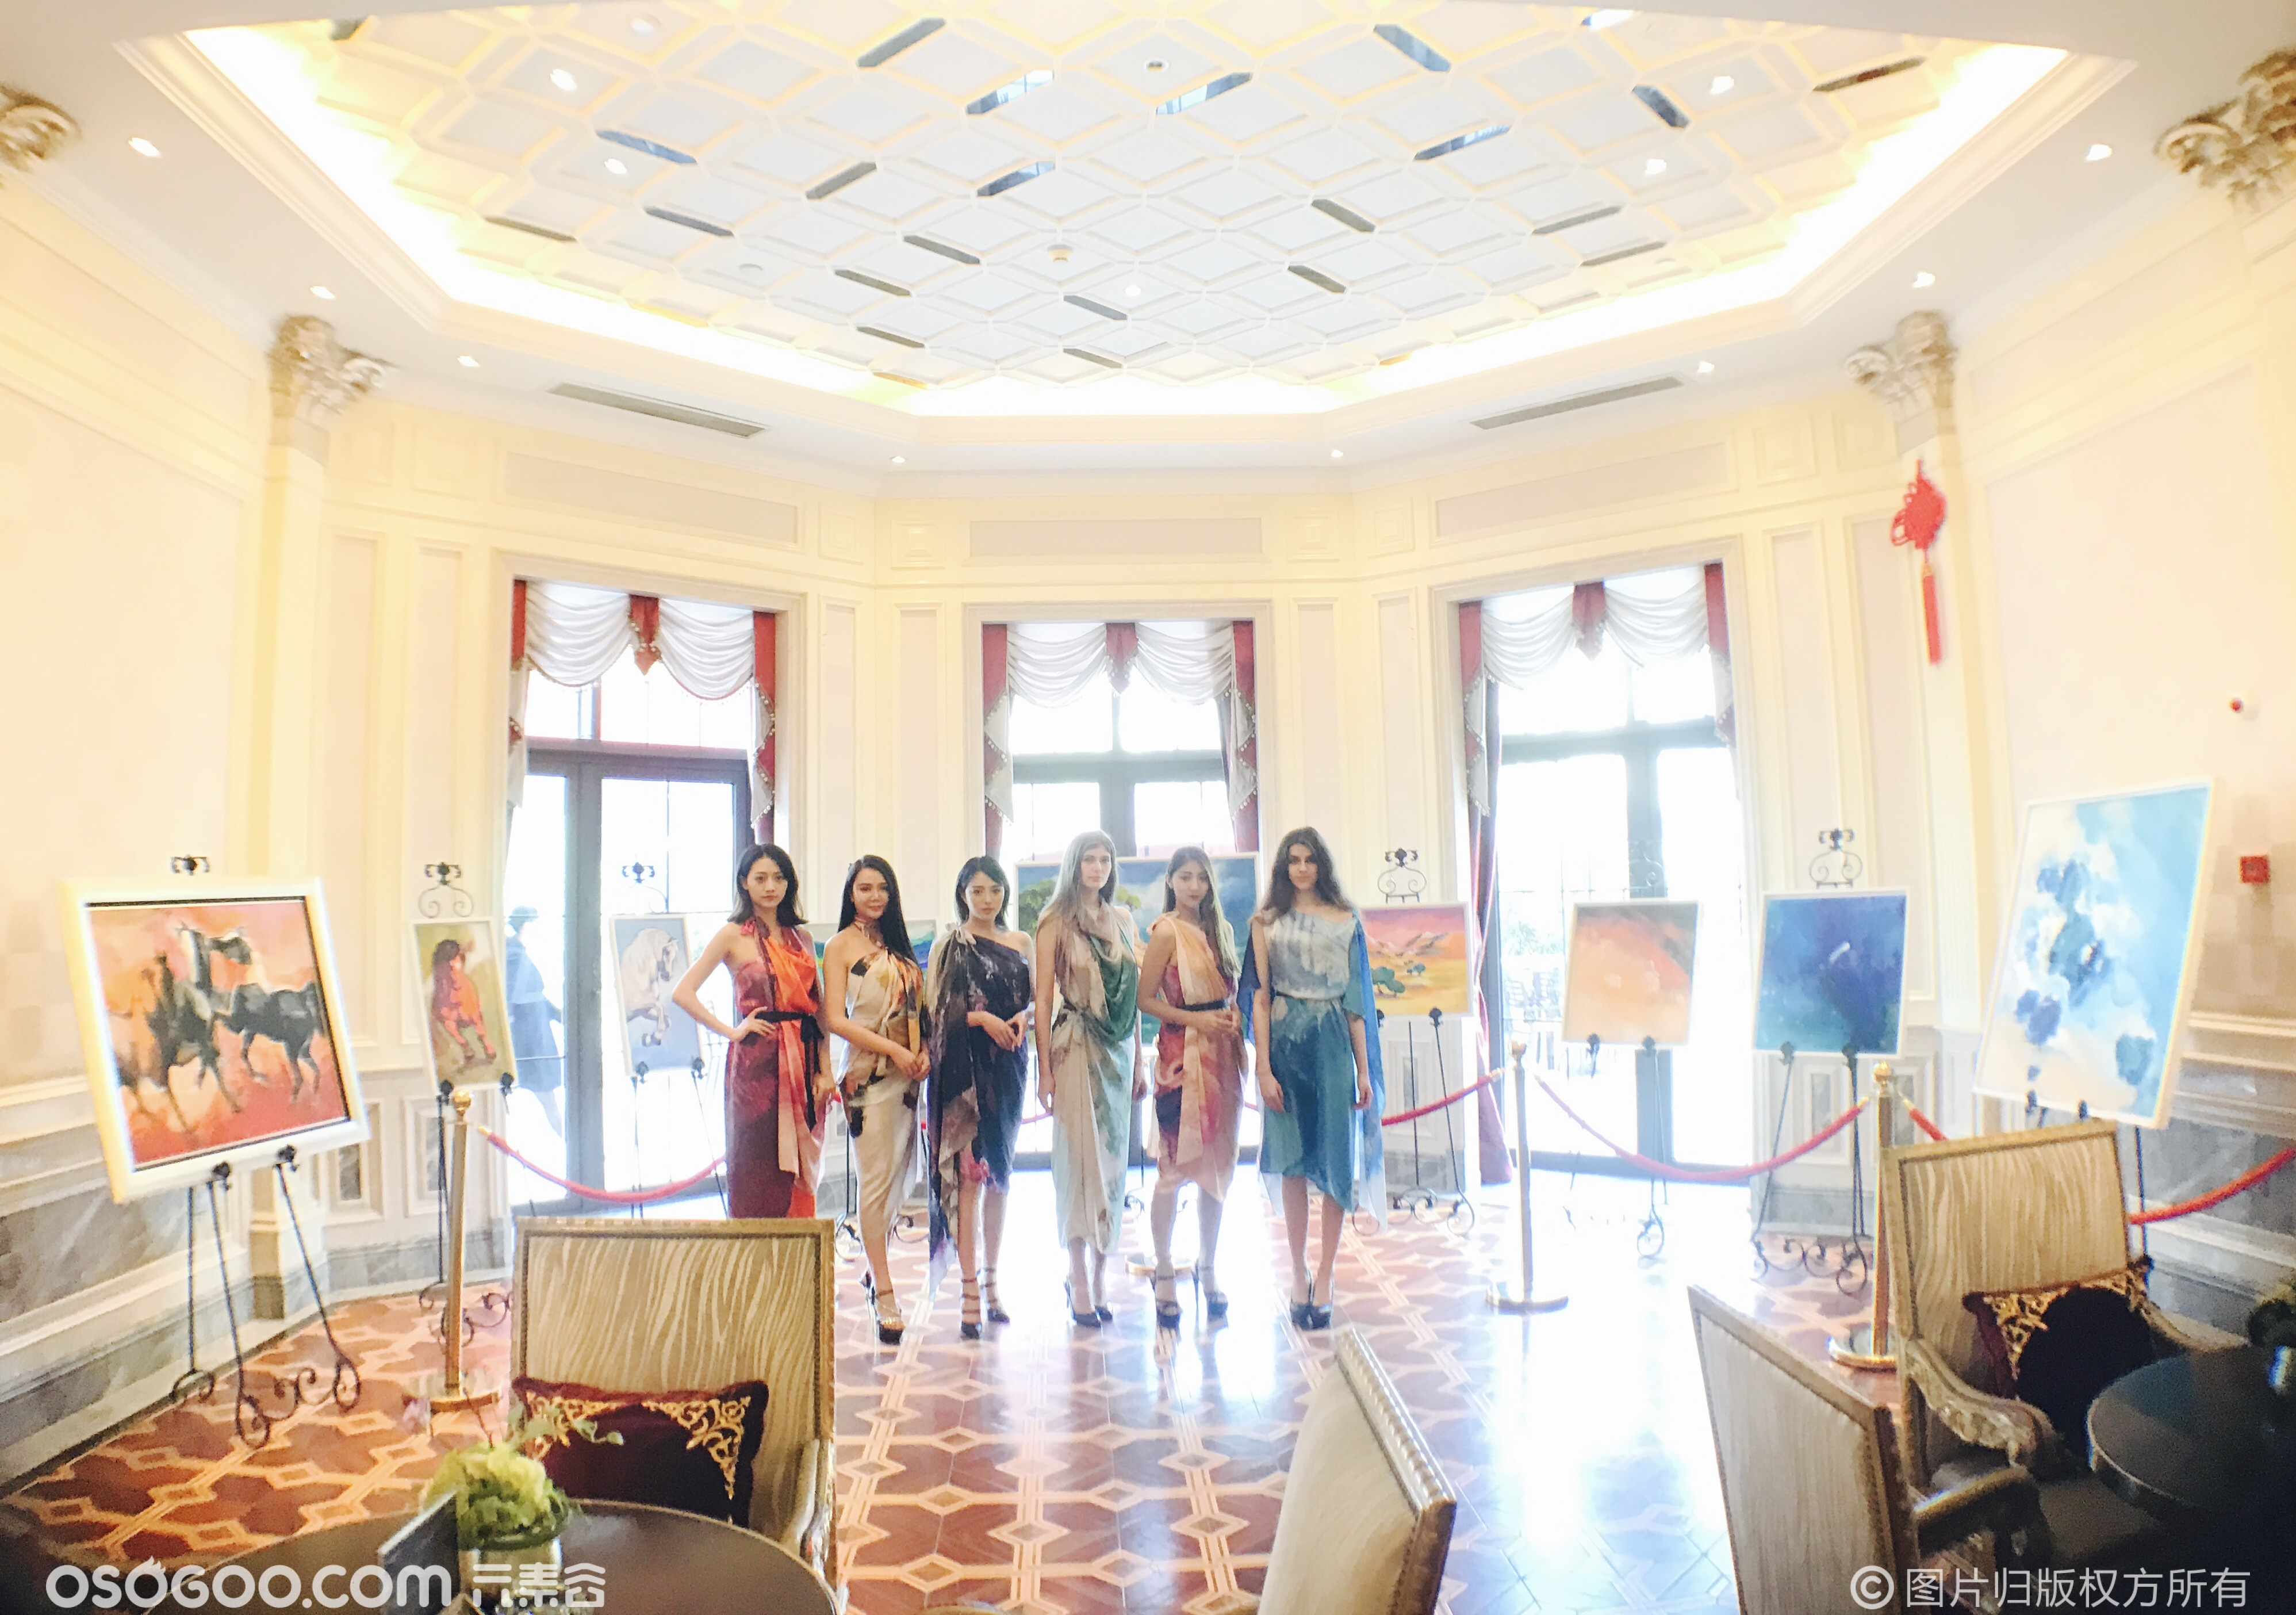 法国表现主义艺术家让·米歇尔世界巡展——重庆站